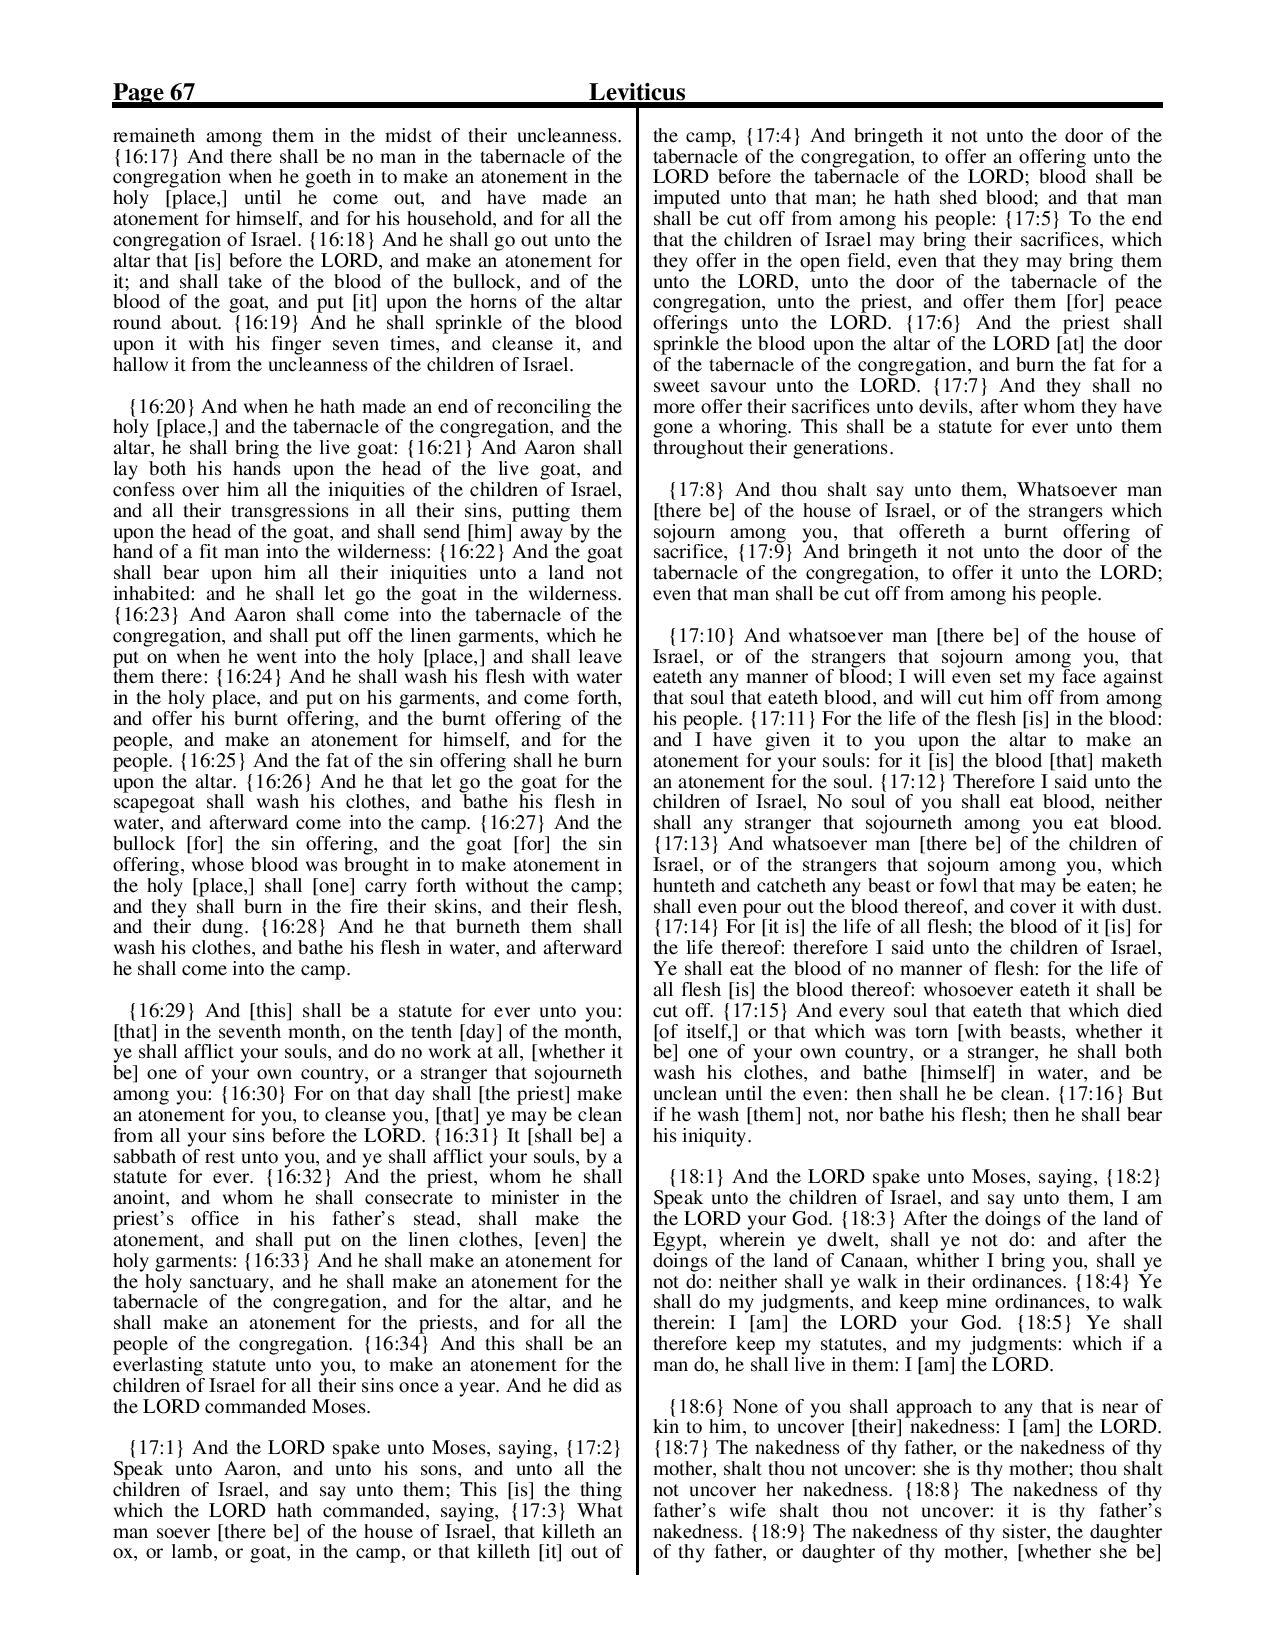 King-James-Bible-KJV-Bible-PDF-page-088